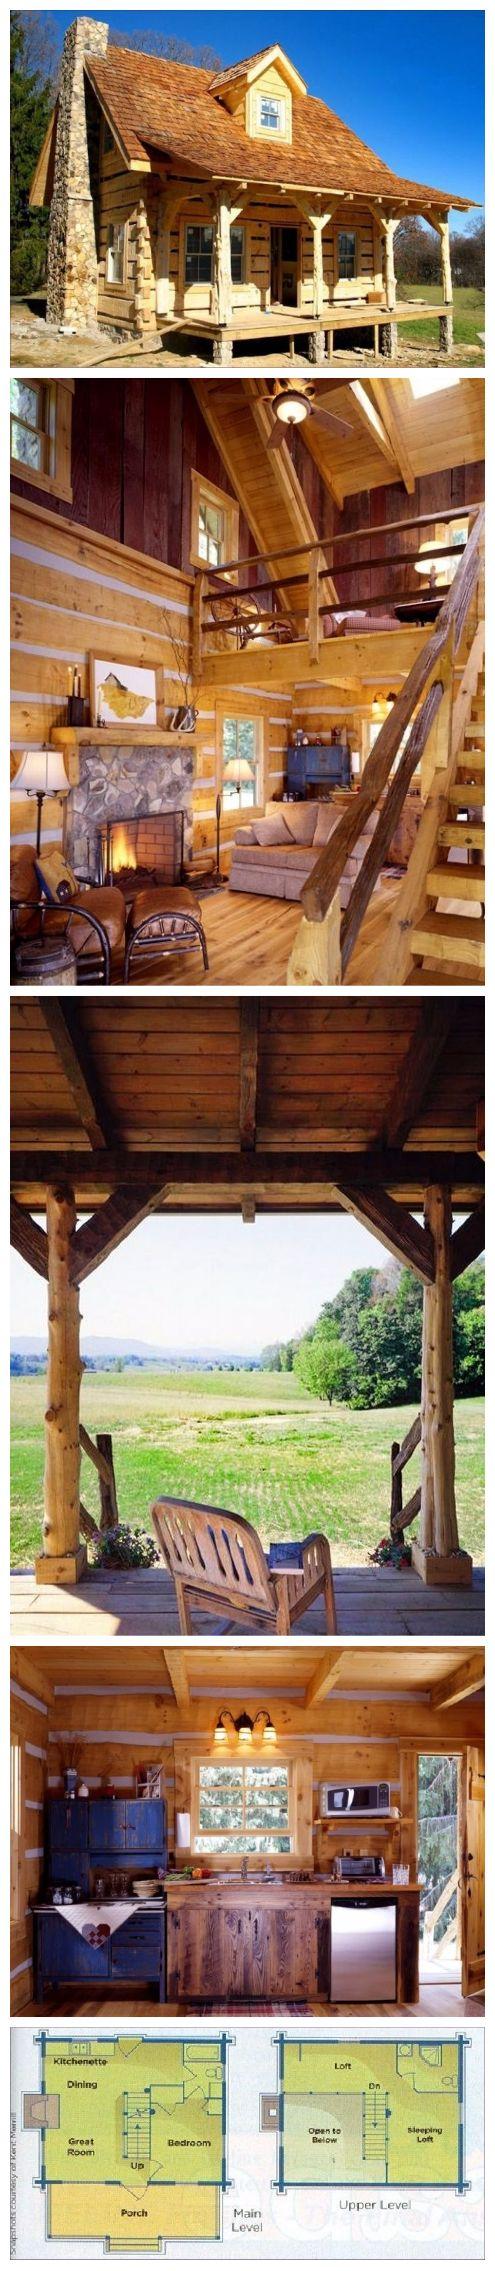 Cataloochee Cabin Is A Rustic Dream Come True